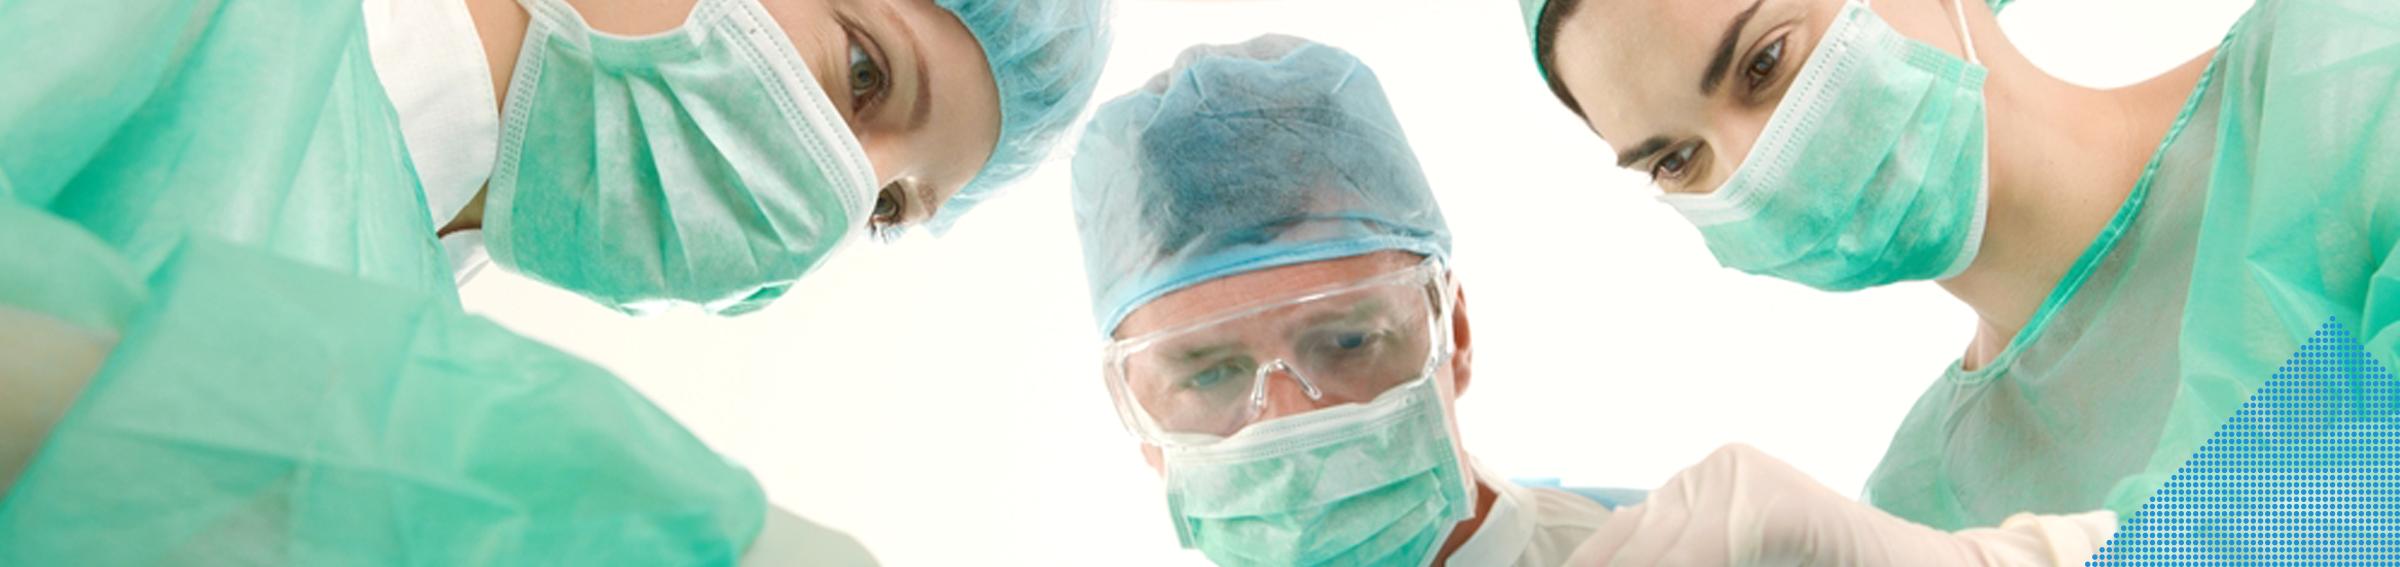 Soins de santé - Medical fader